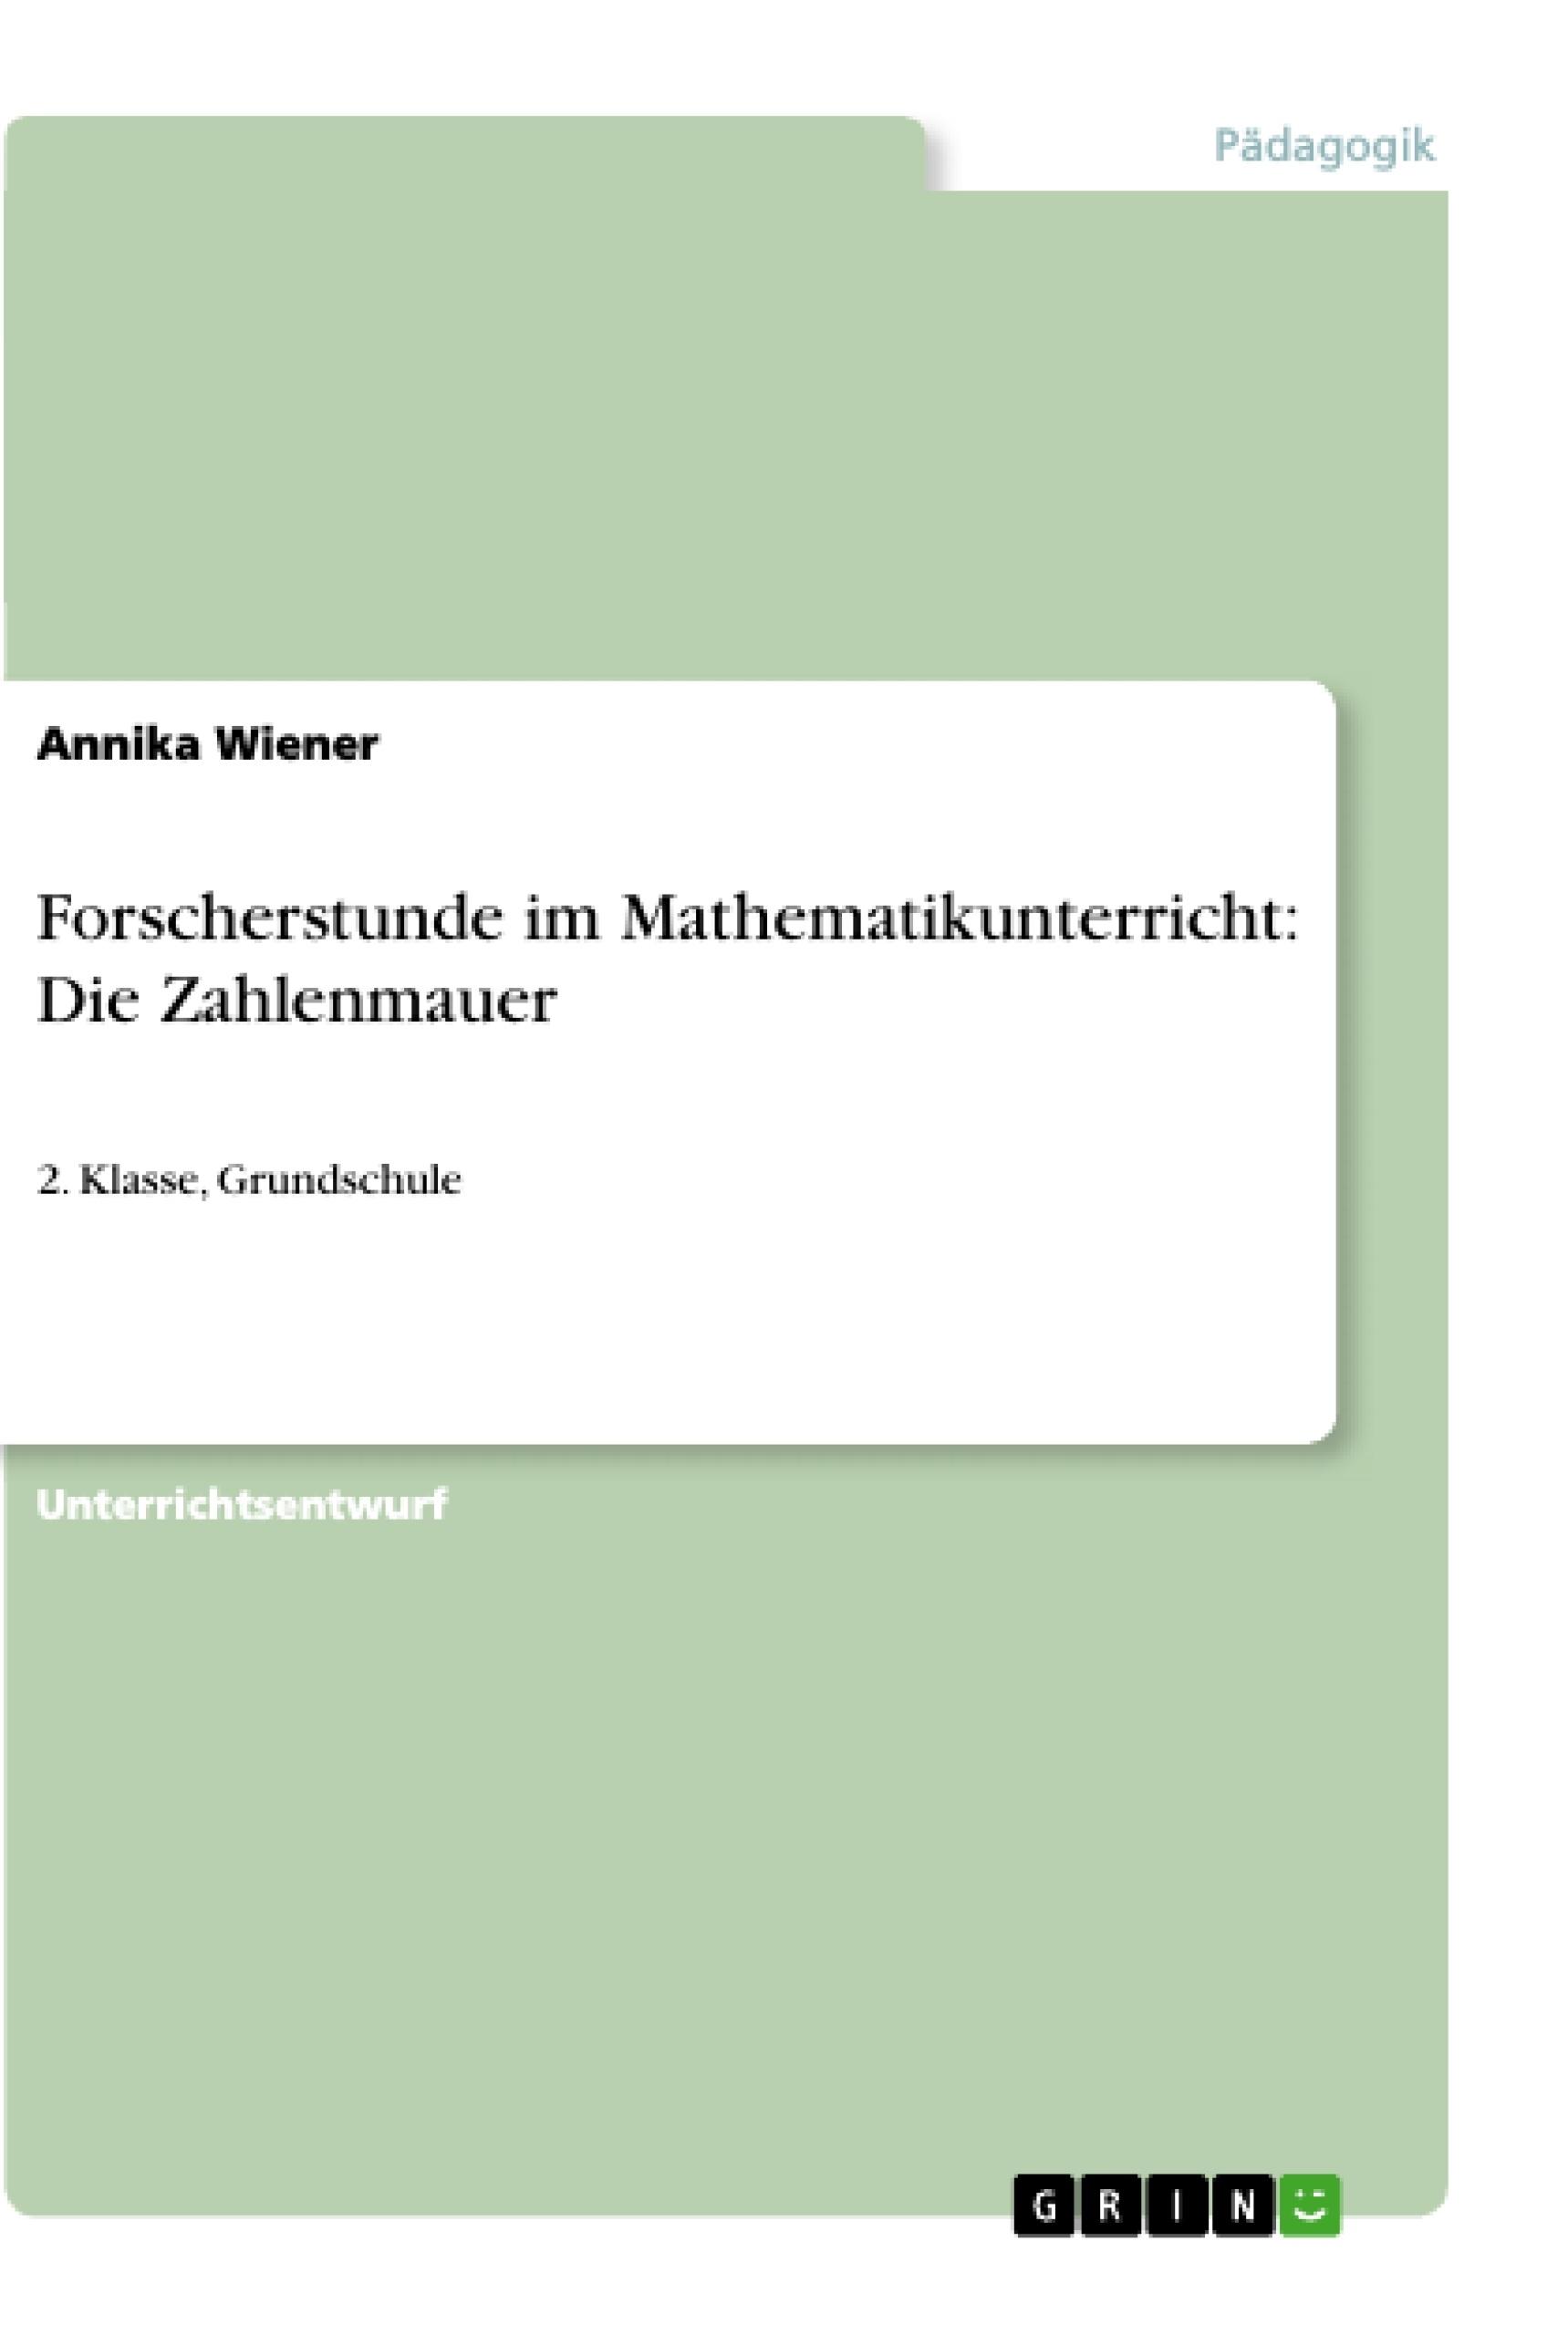 Titel: Forscherstunde im Mathematikunterricht: Die Zahlenmauer